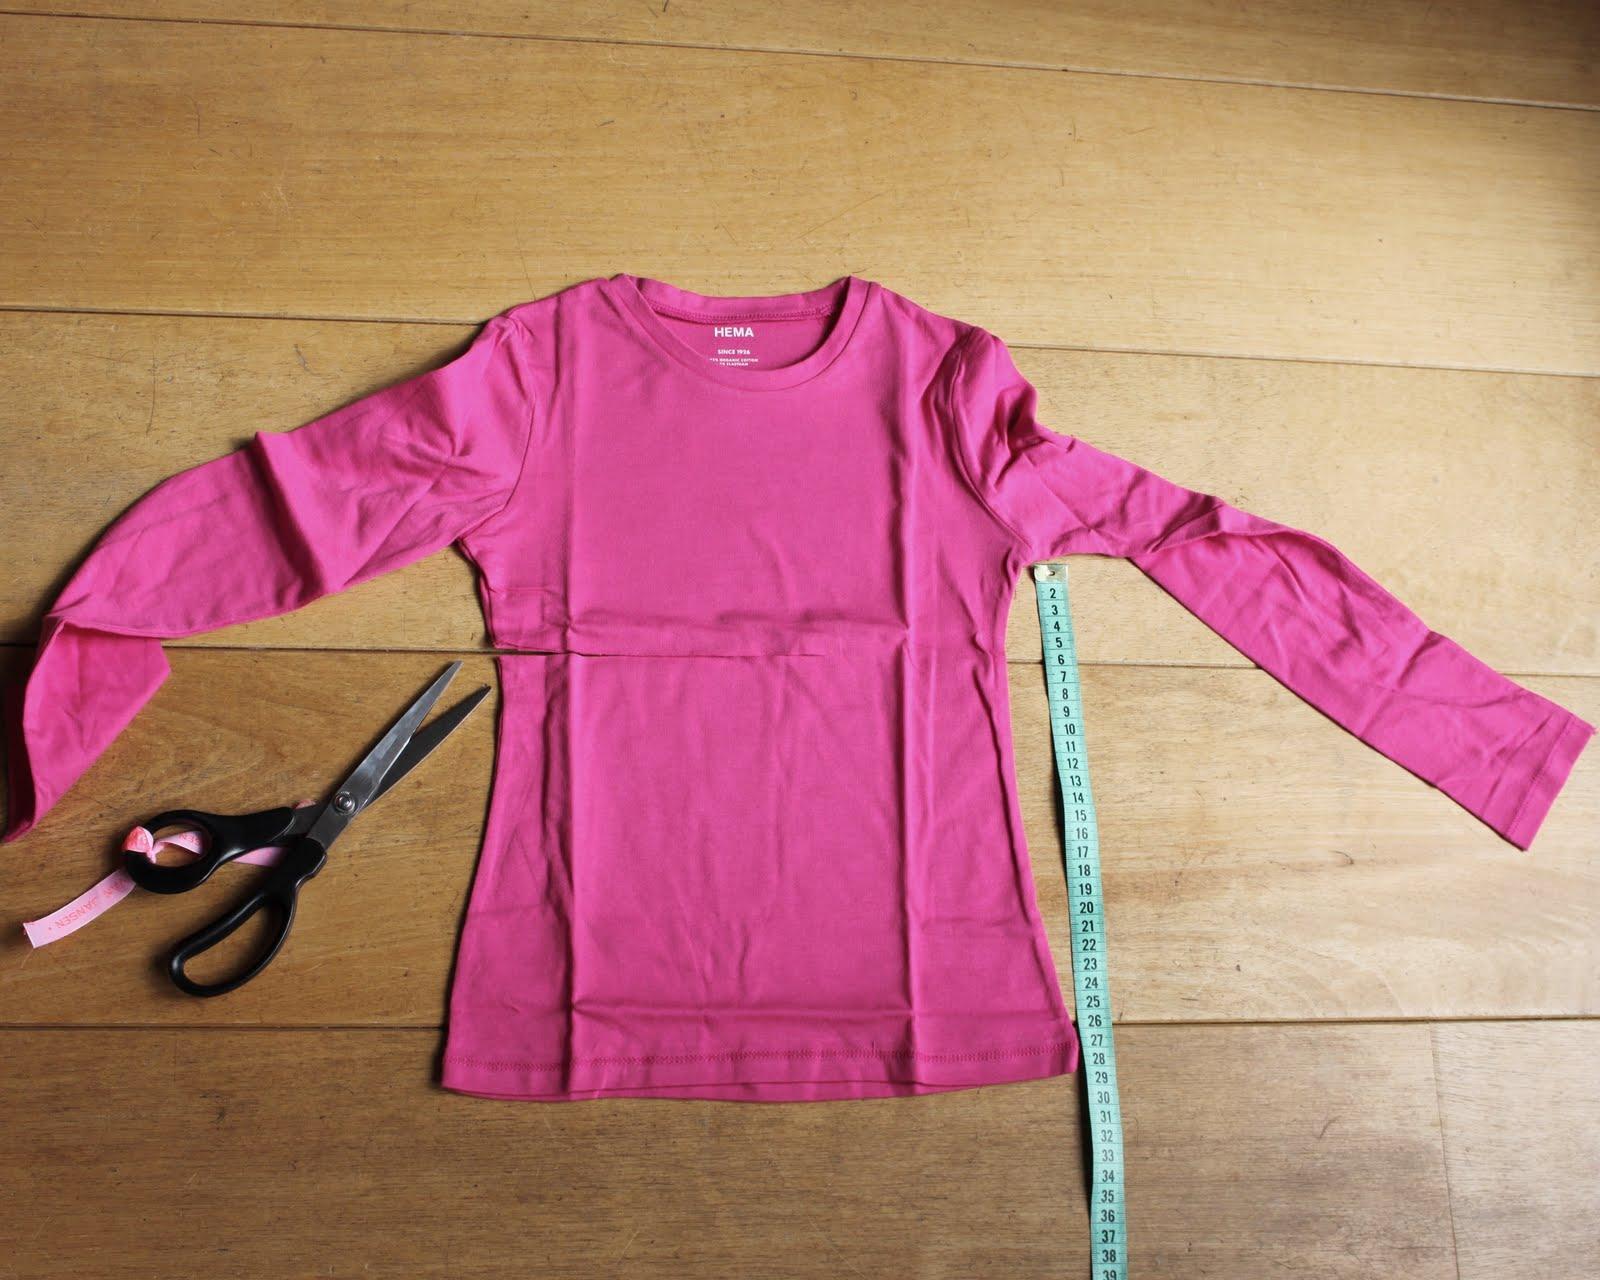 Vaak Van Jansen: Hoe maak ik een t-shirt-jurkje? #UM86